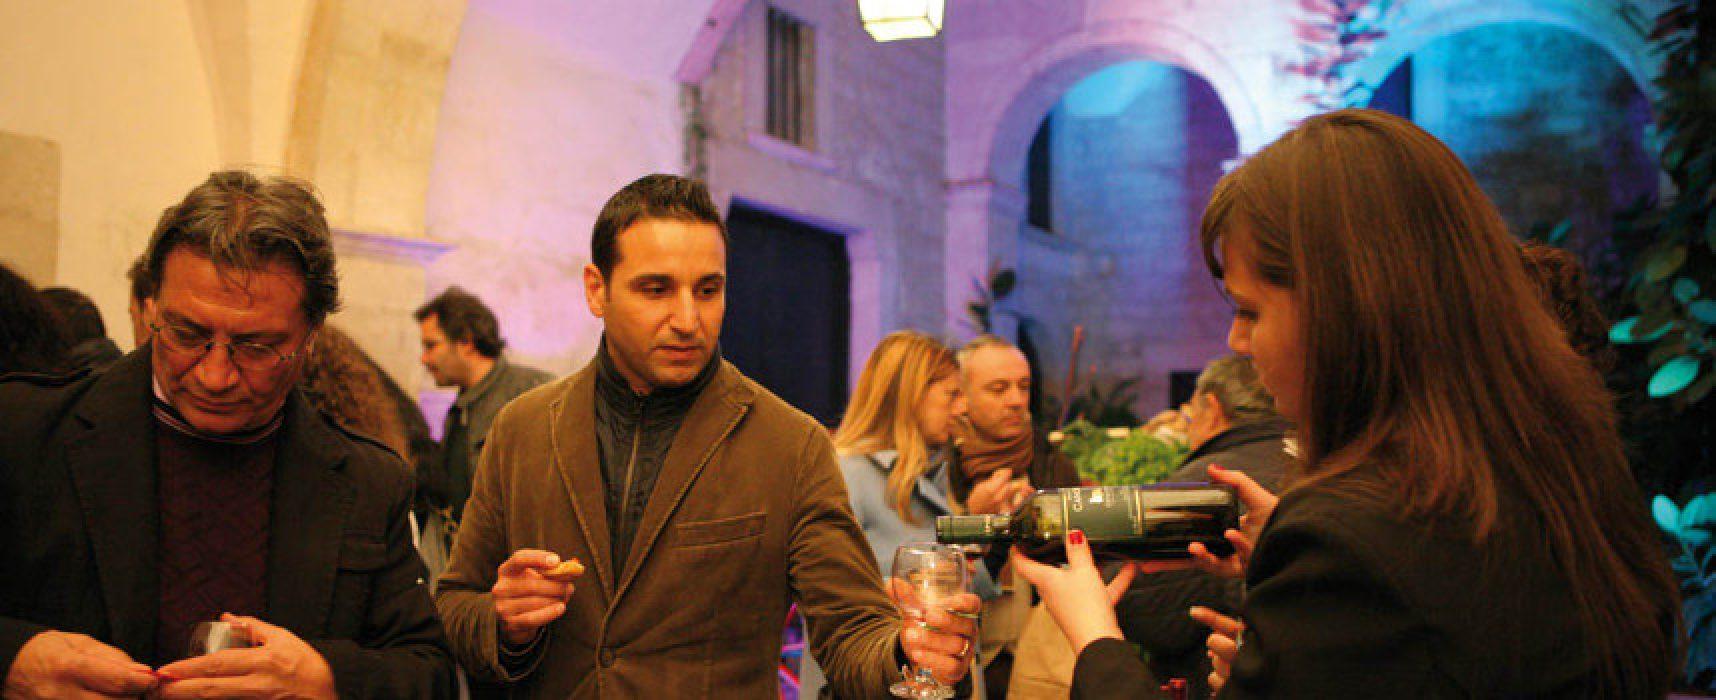 Non solo vino: a Calici nel Borgo Antico anche tanta cultura